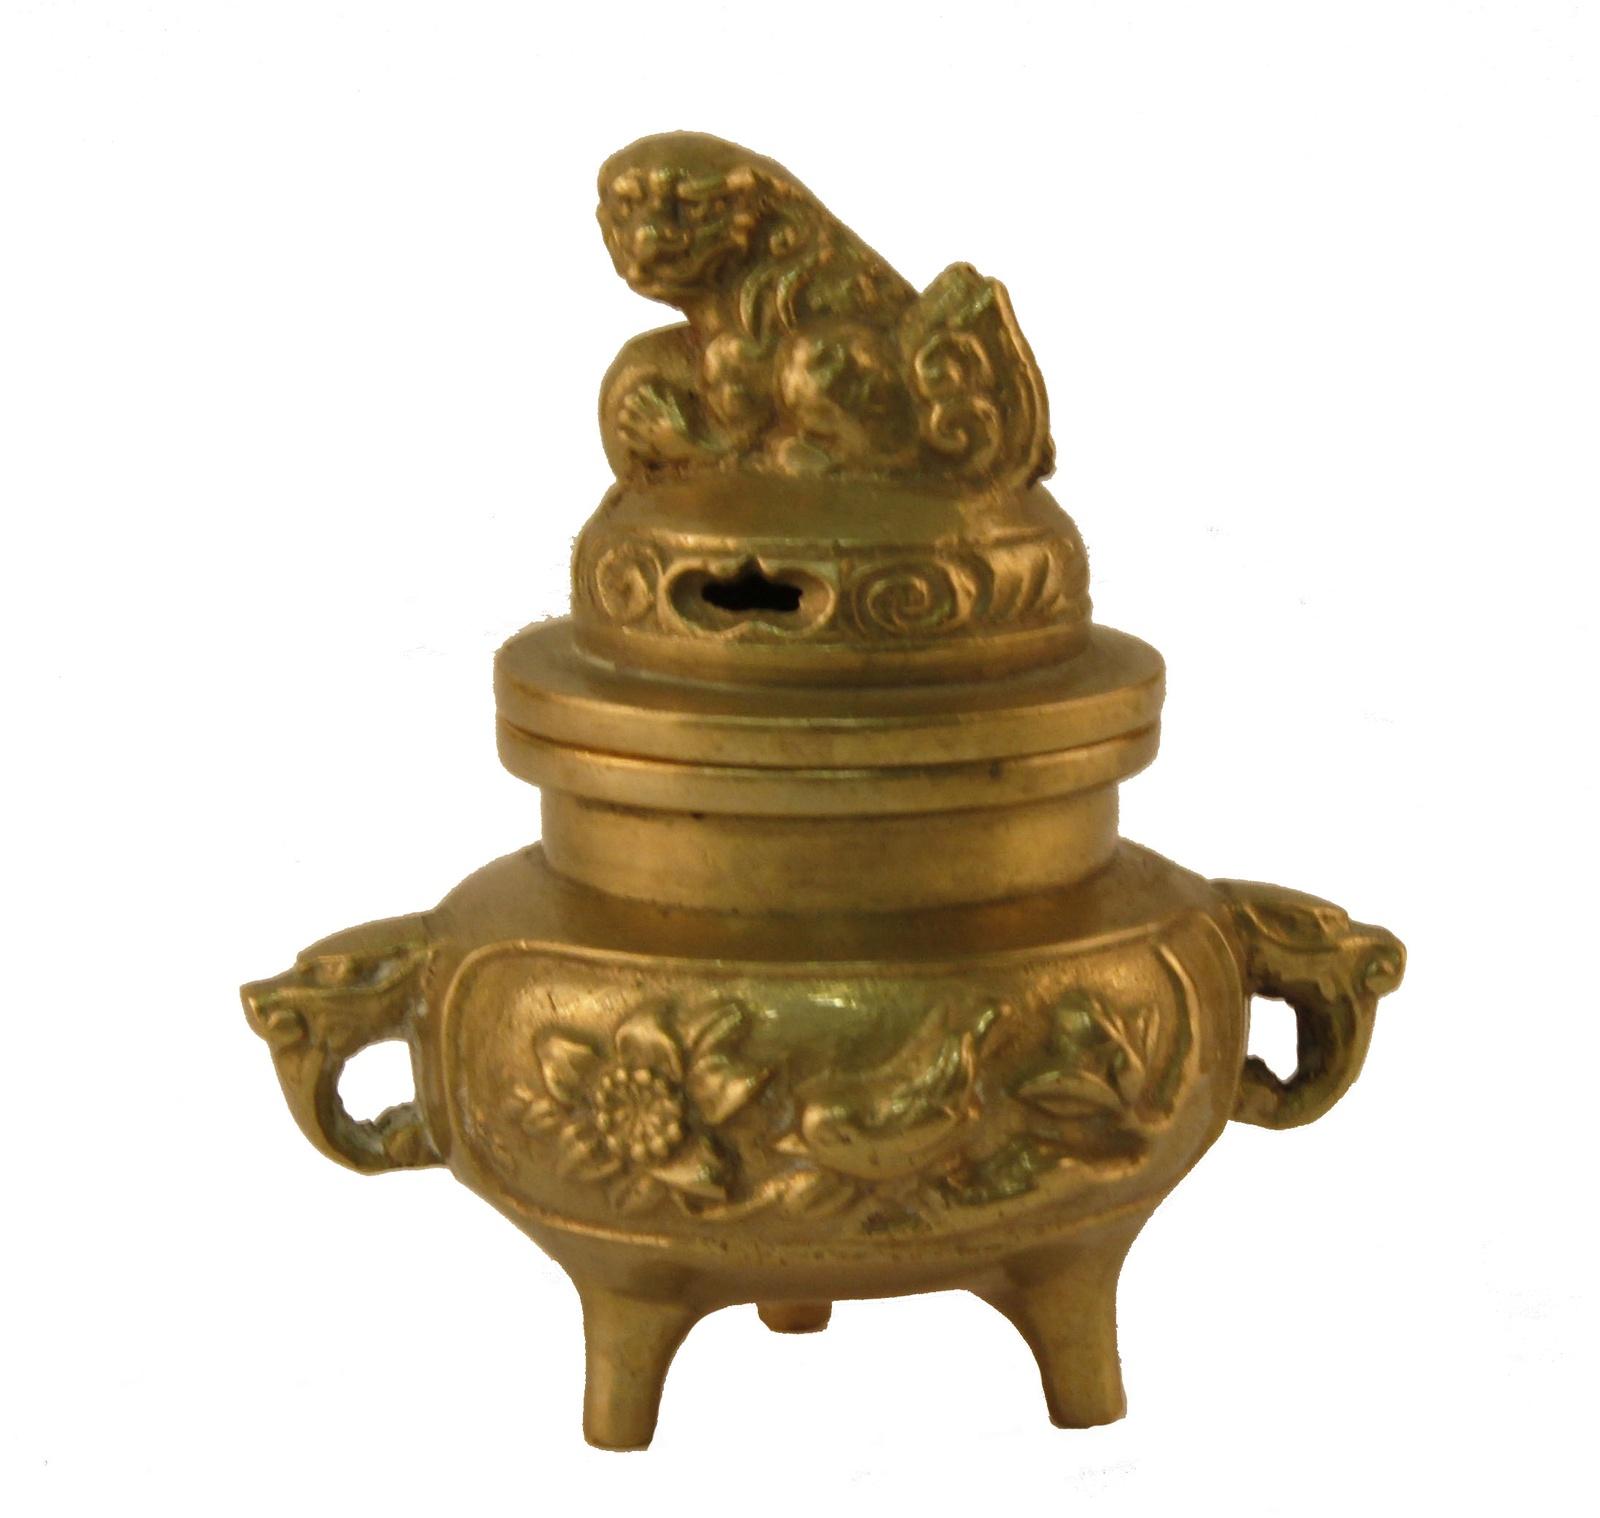 Курительница Антик Хобби миниатюрная, золотой курительница слон в тибетском стиле бронза прочеканка китай вторая половина xx века